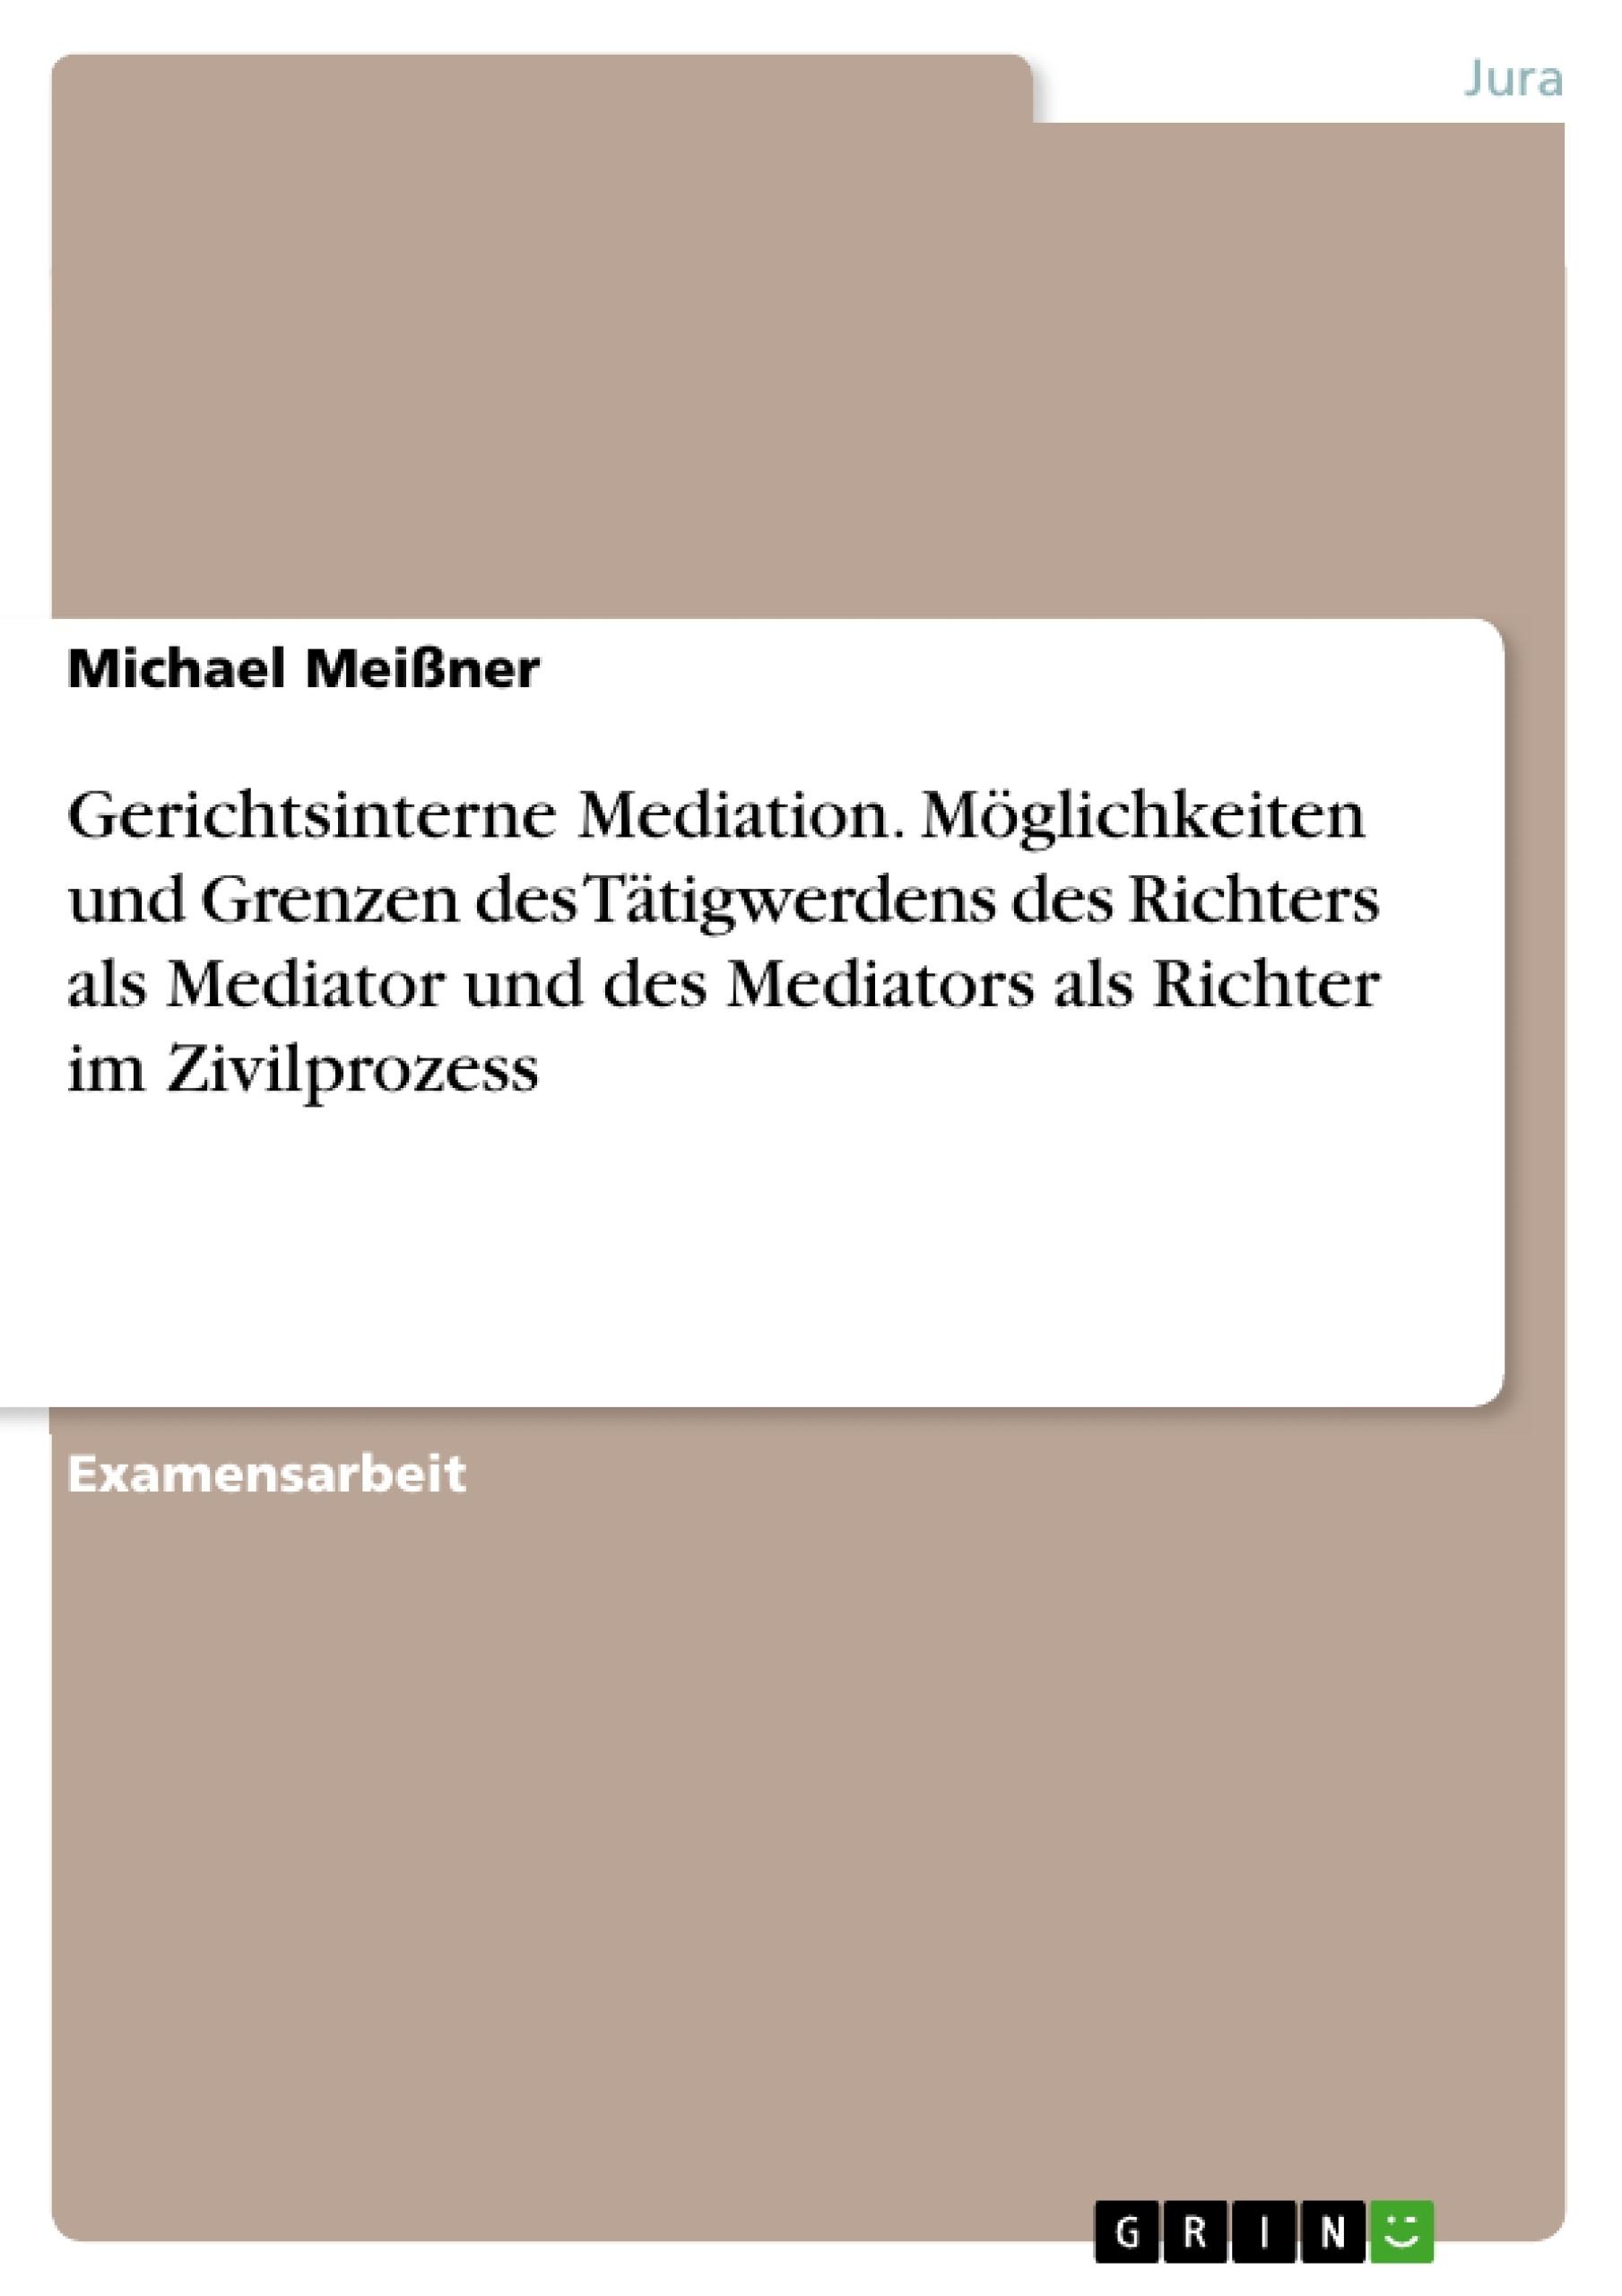 Titel: Gerichtsinterne Mediation. Möglichkeiten und Grenzen des Tätigwerdens des Richters als Mediator und des Mediators als Richter im Zivilprozess